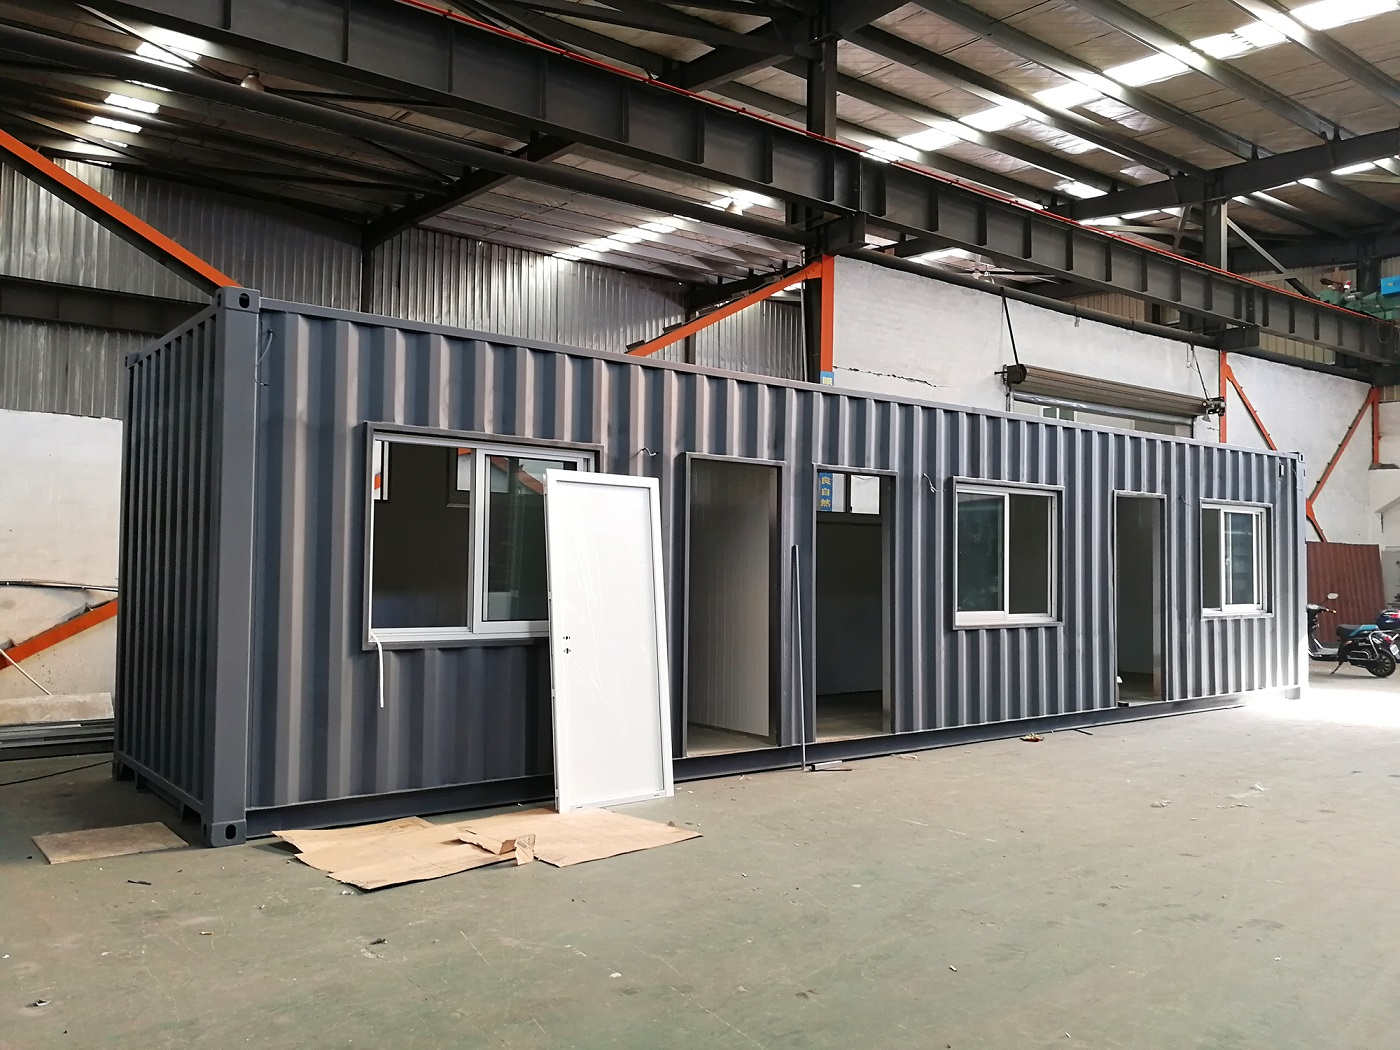 Umbau 40 ft Container zum Büro